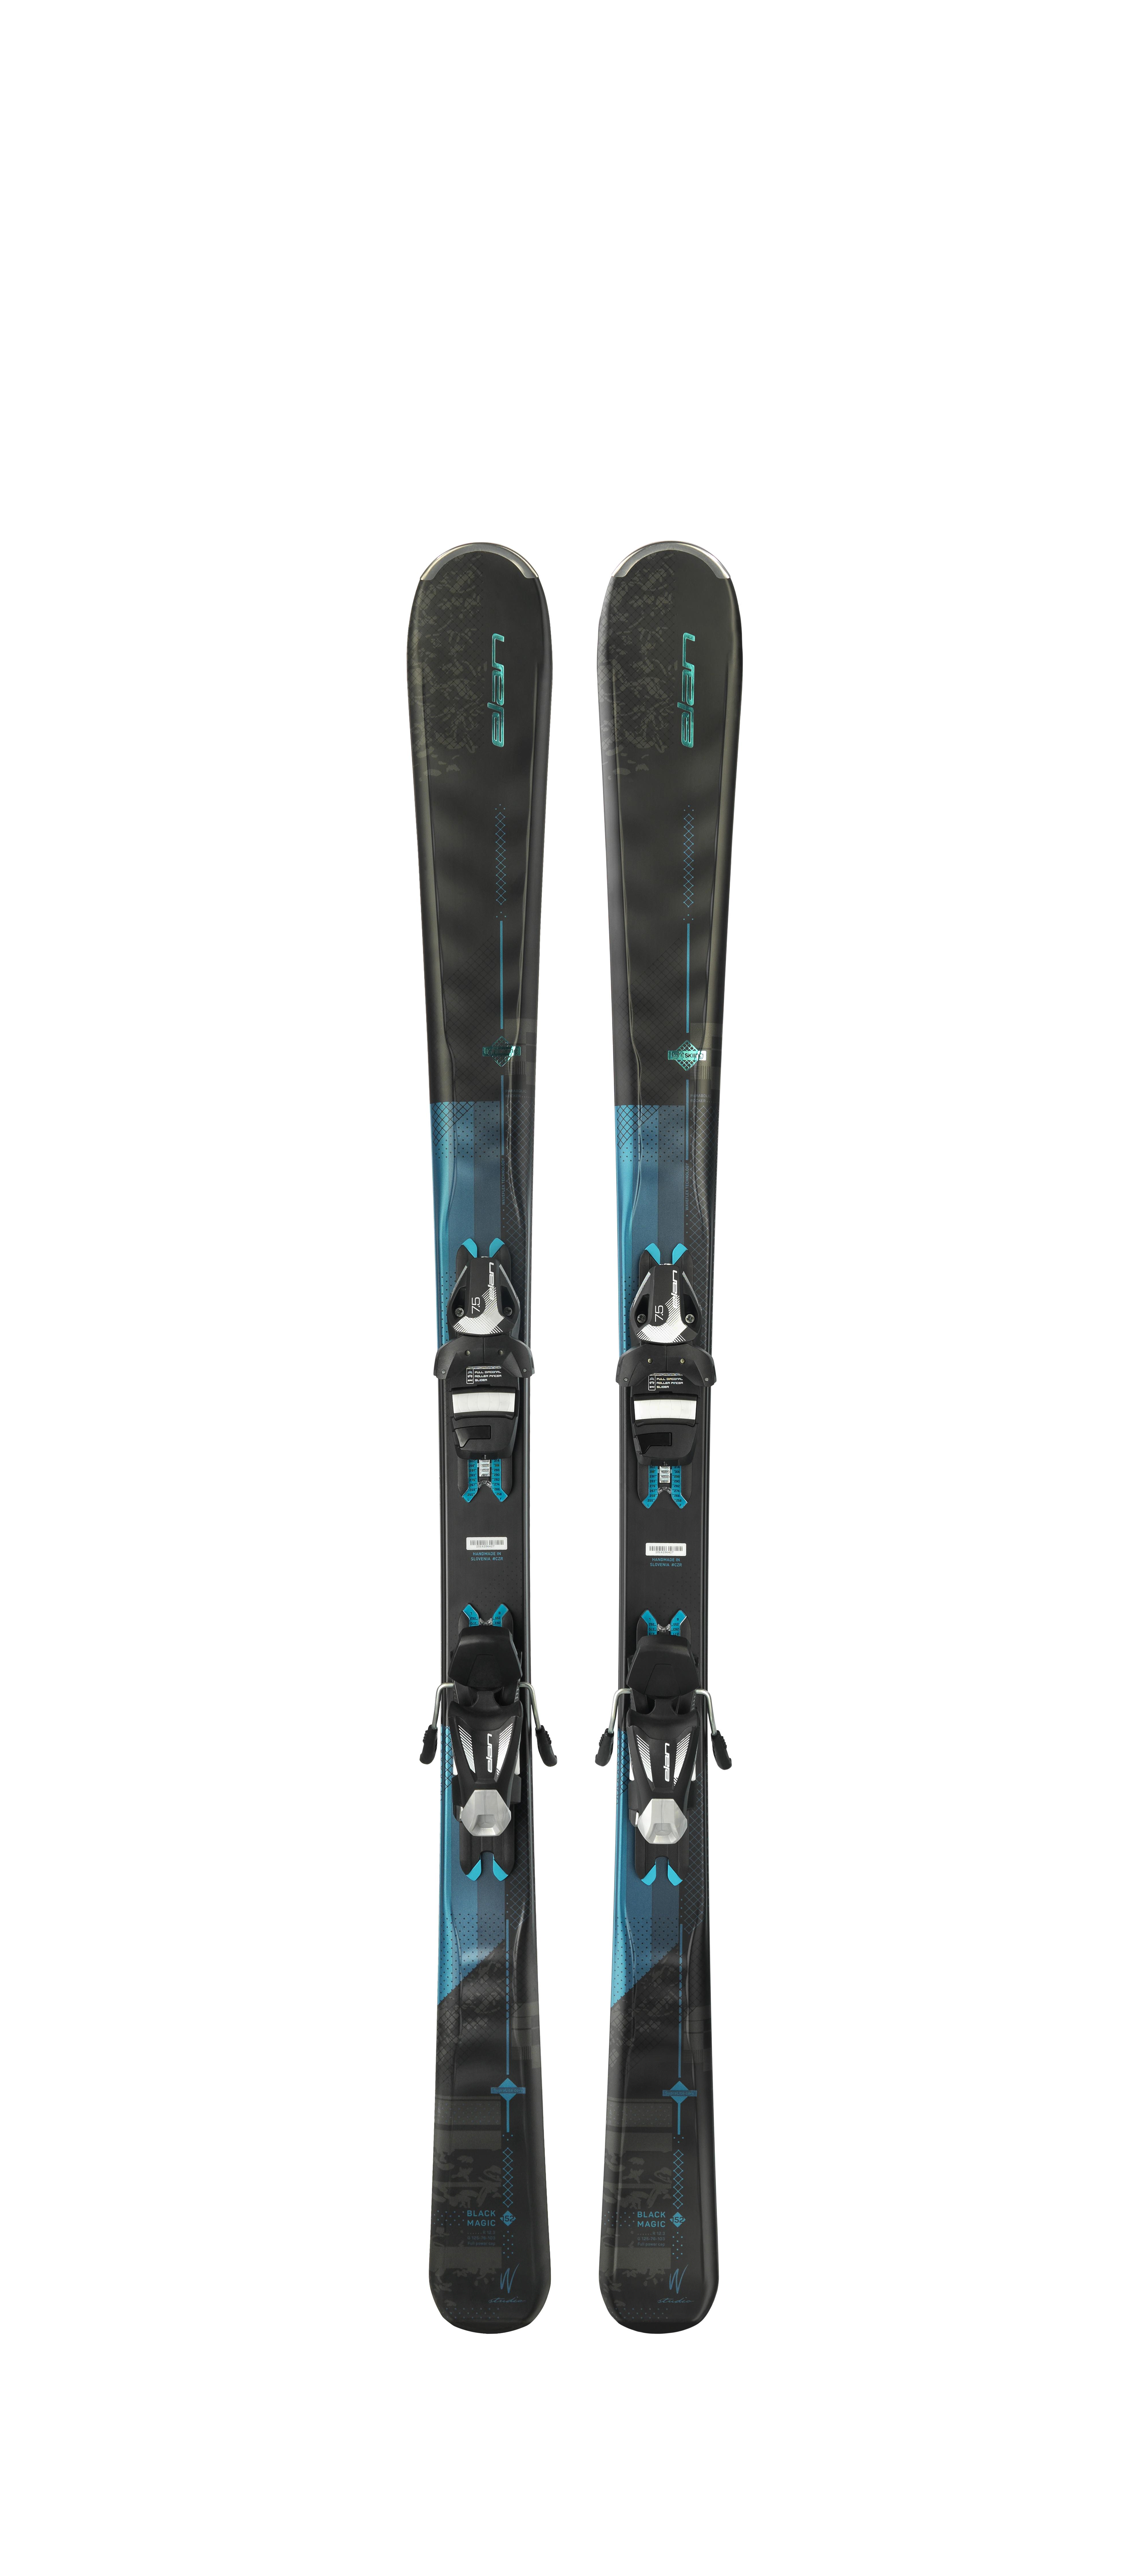 Горные лыжи с креплениями Elan 2017-18 Black Magic ELW 9 LS - артикул: 971880420